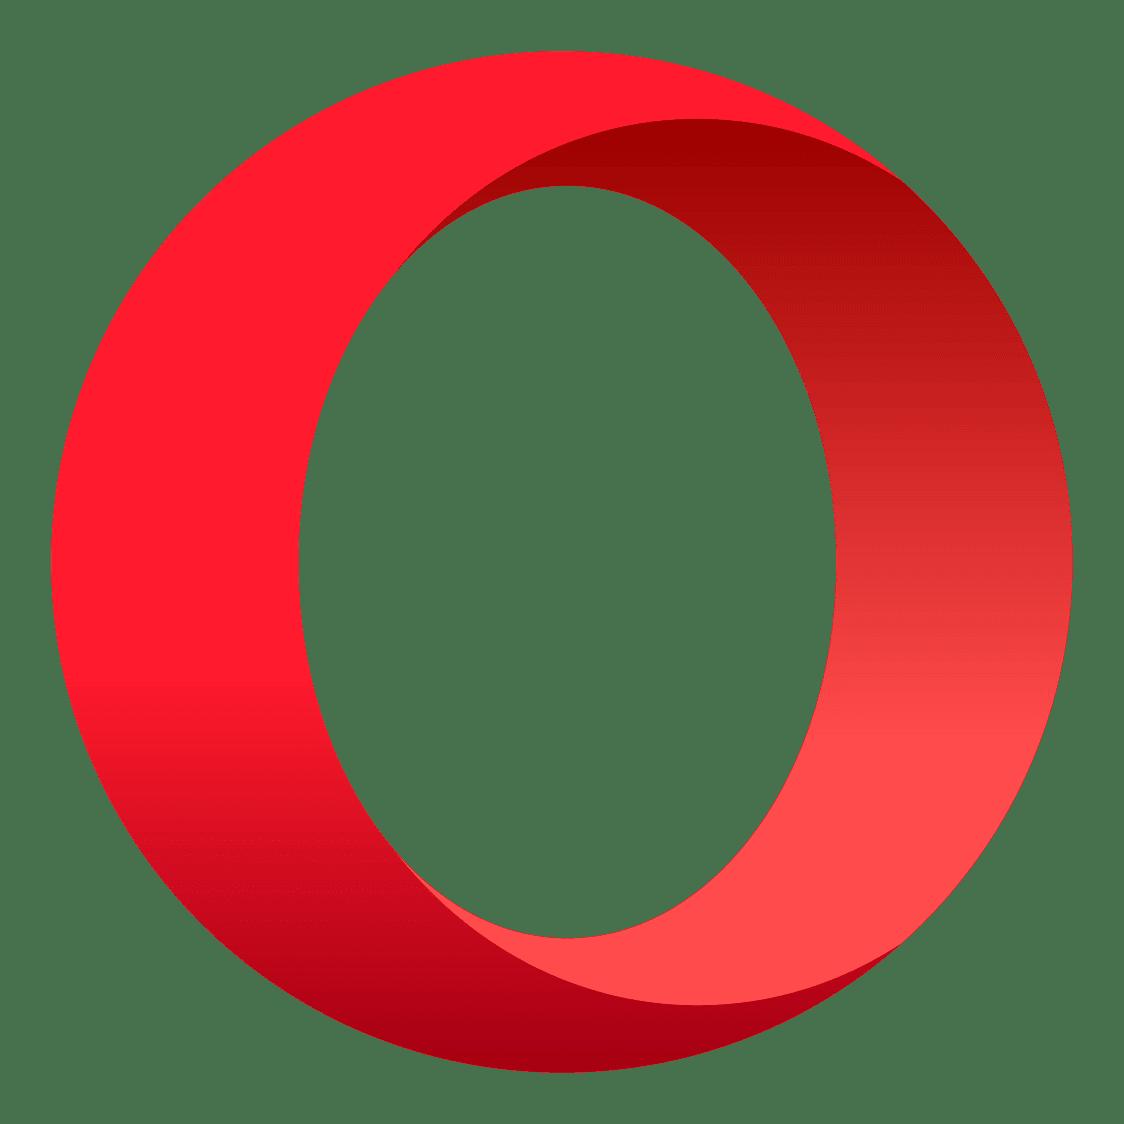 تحميل برنامج متصفح اوبرا 2020 احدث اصدار Opera   للكمبيوتر وللاندرويد و الايفون